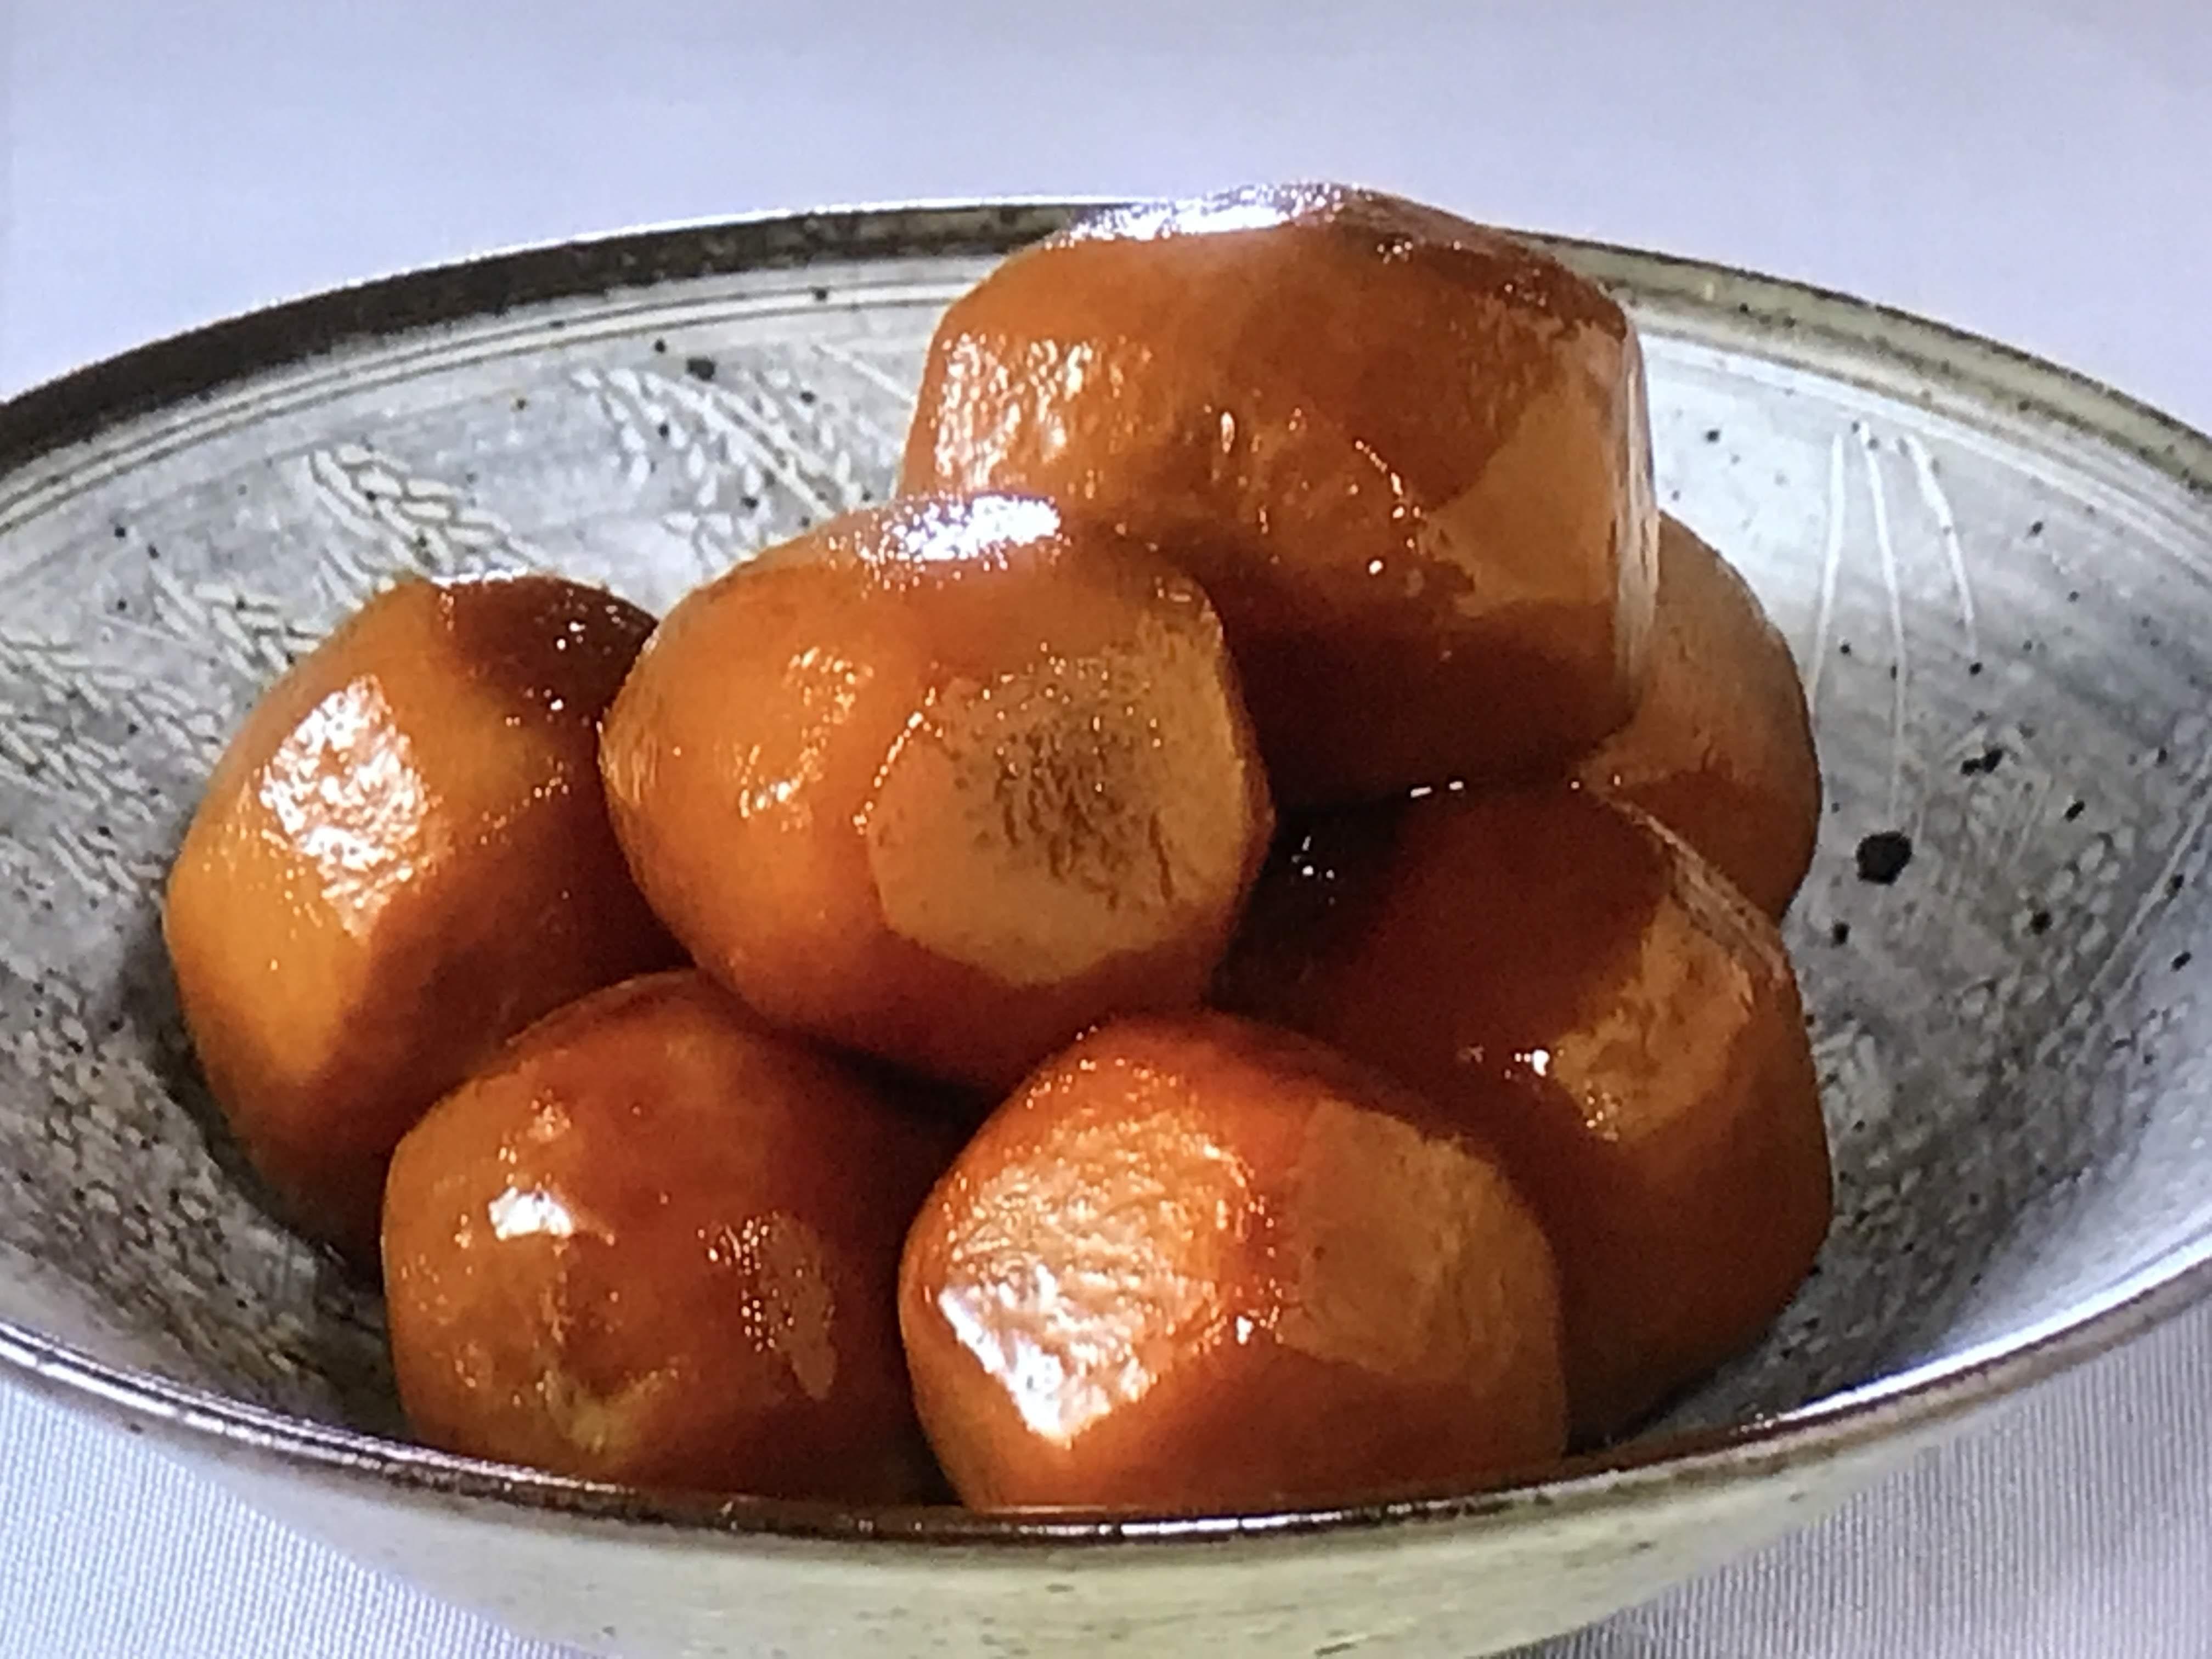 NHKきょうの料理ビギナーズは里芋の煮っころがし・里芋と鶏肉の